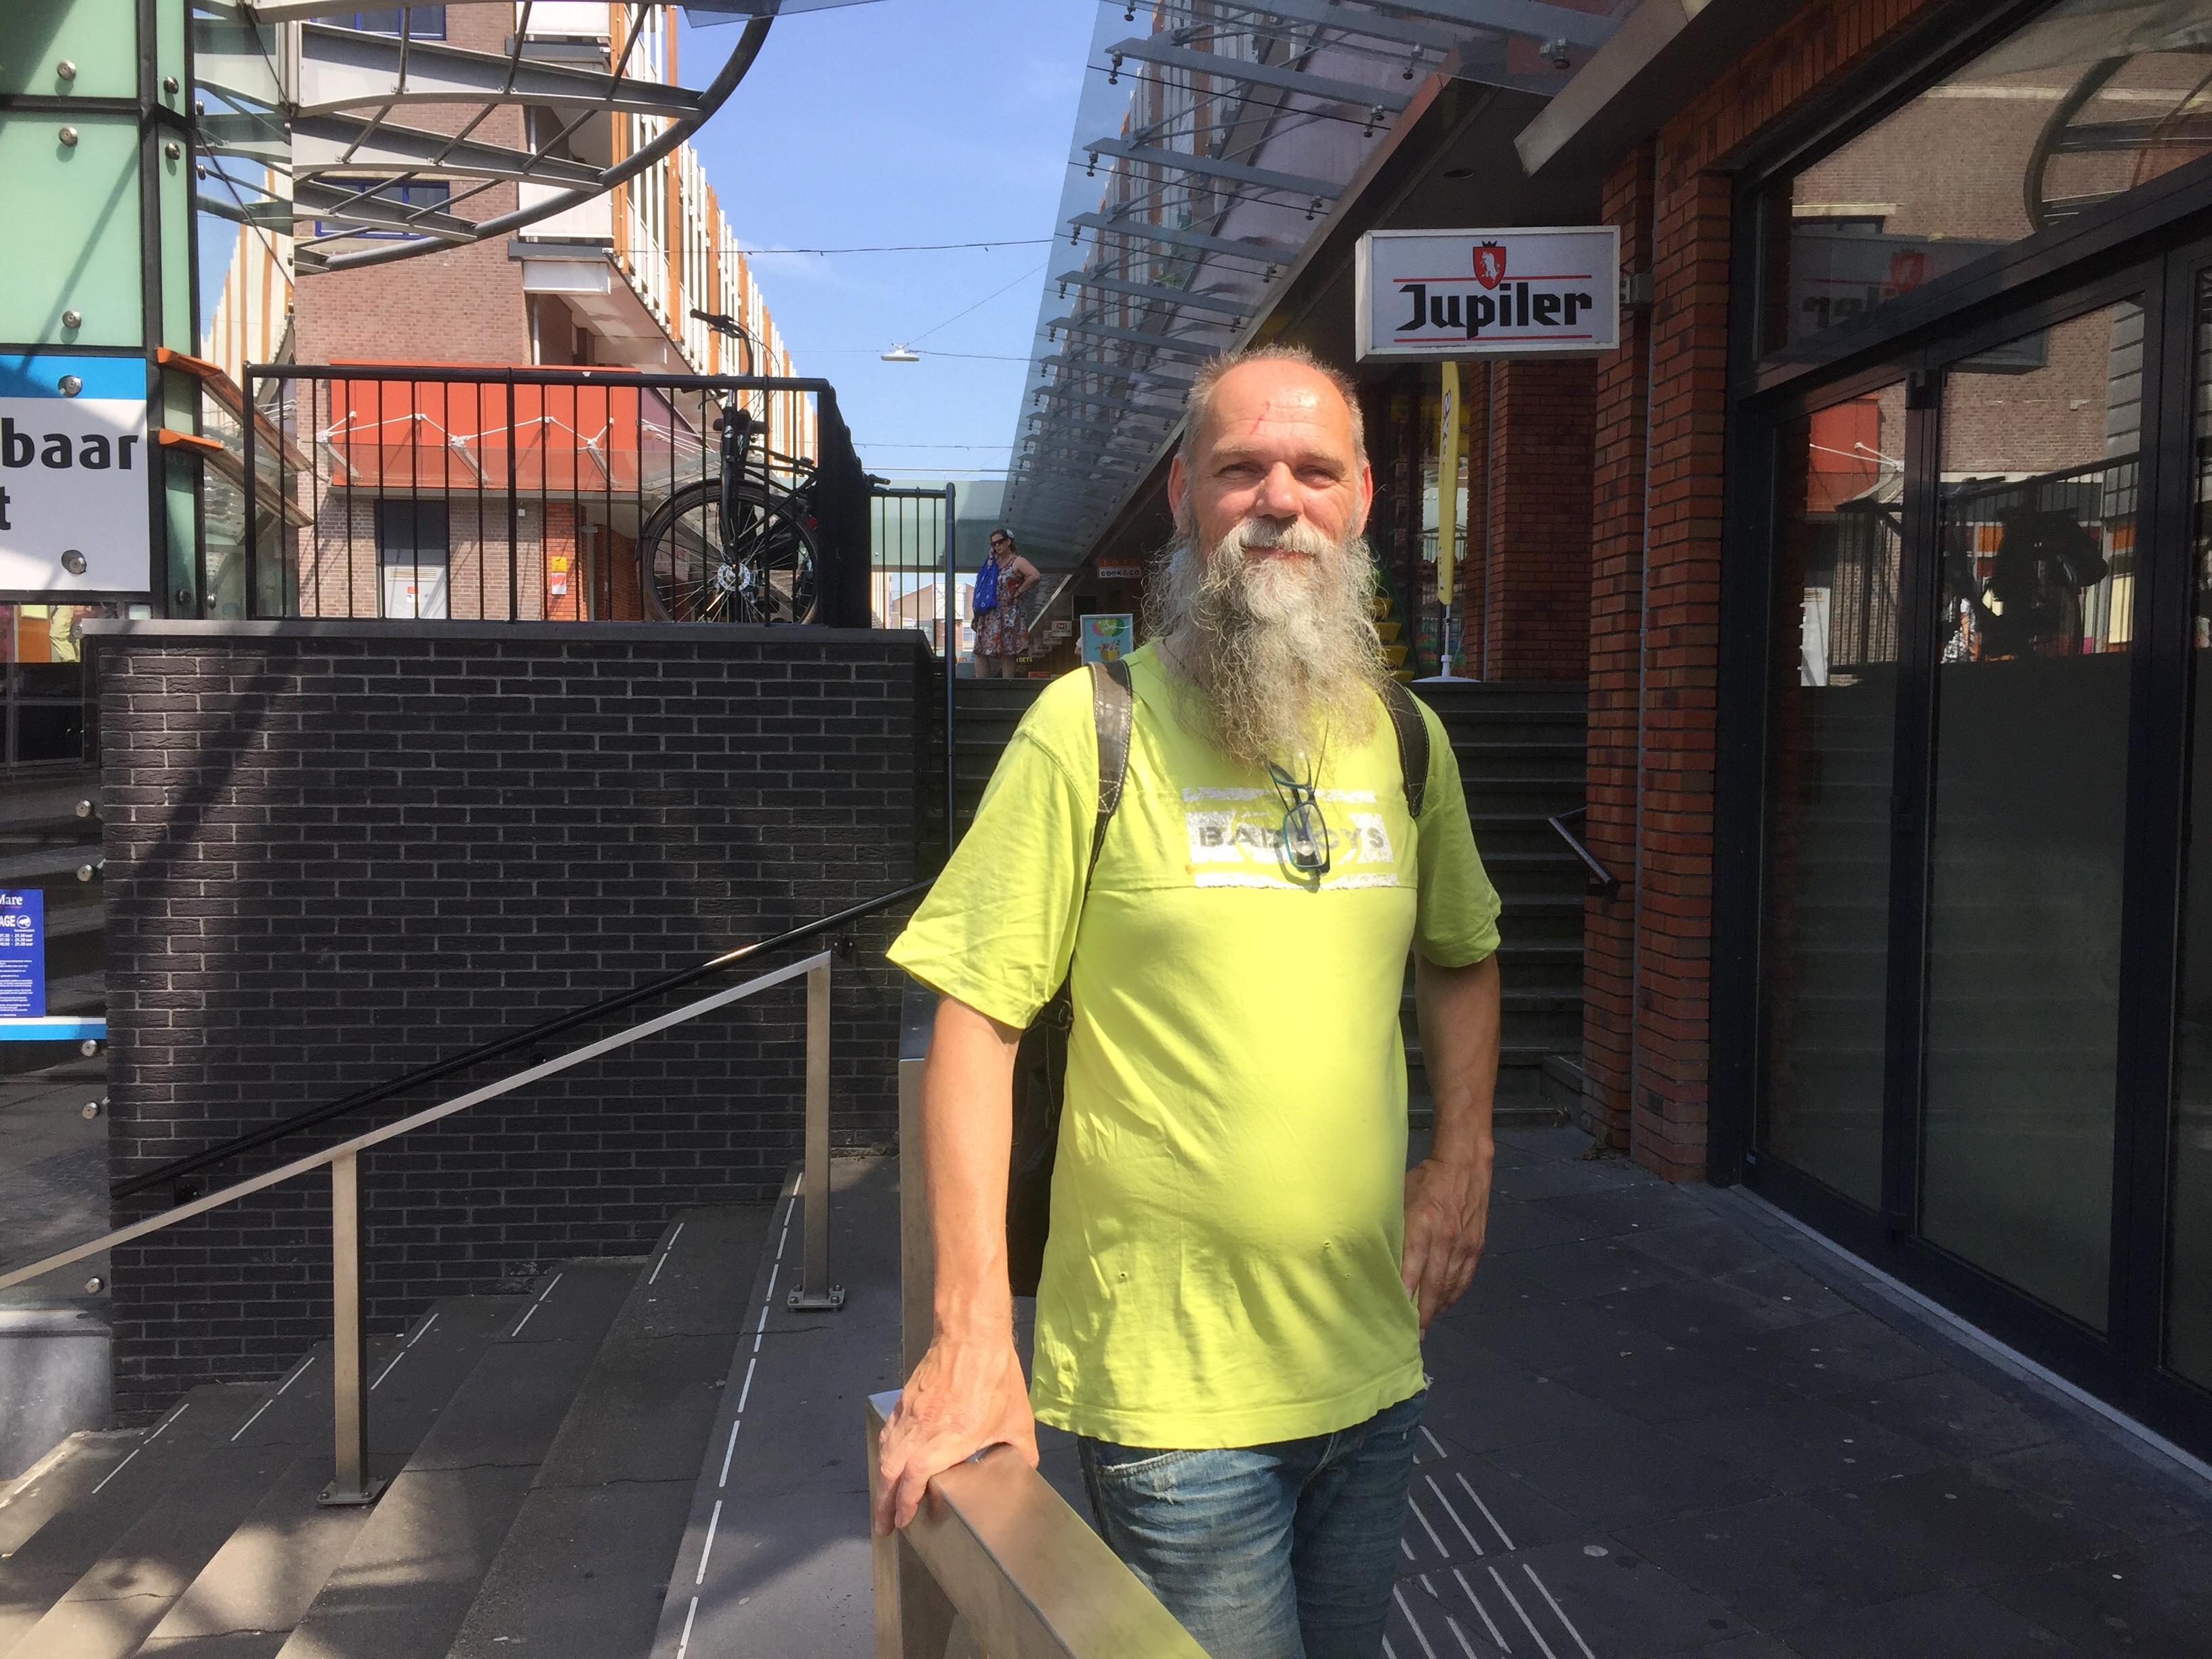 Onderweg; 'Onderin de kaartenbak van het UWV' zit Richard Oost al jaren. Met muziek en zijn vrijwilligersbaan als geluidstechnicus heeft hij zijn leven nu weer ingericht